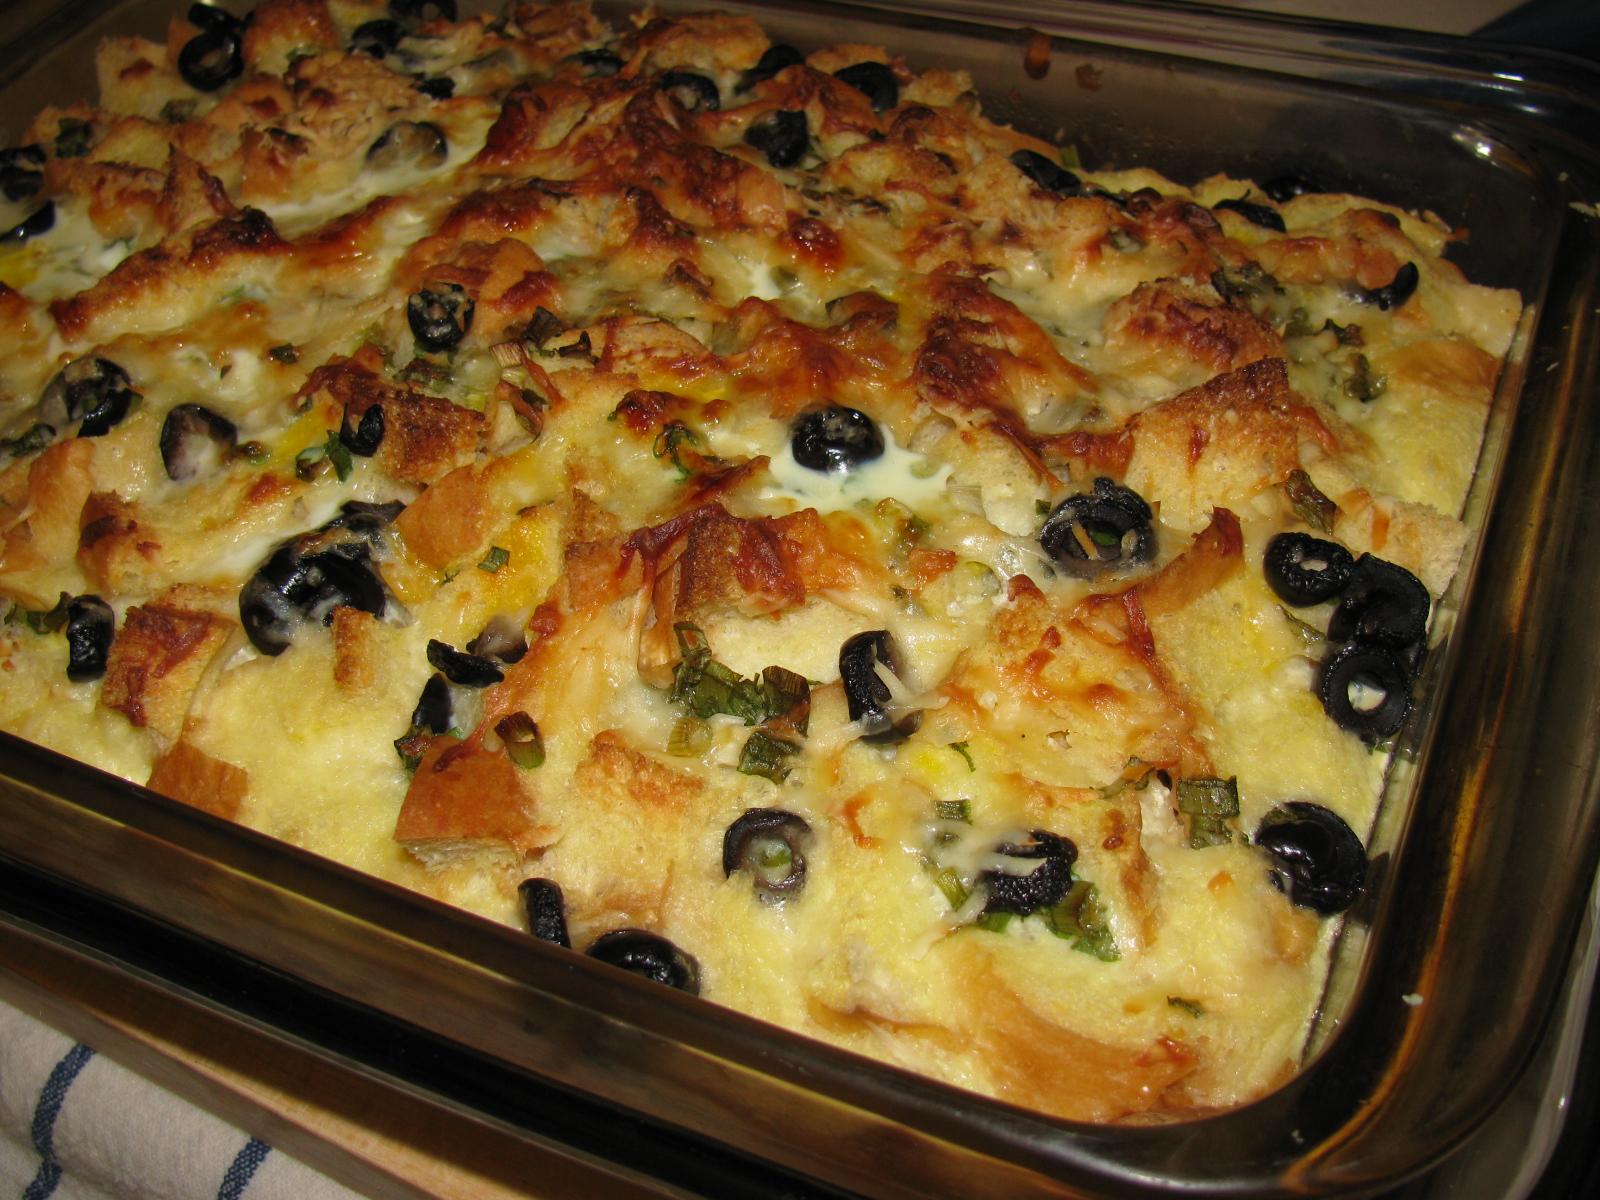 A Savory Bread Pudding | wayneyoshidakh6wz